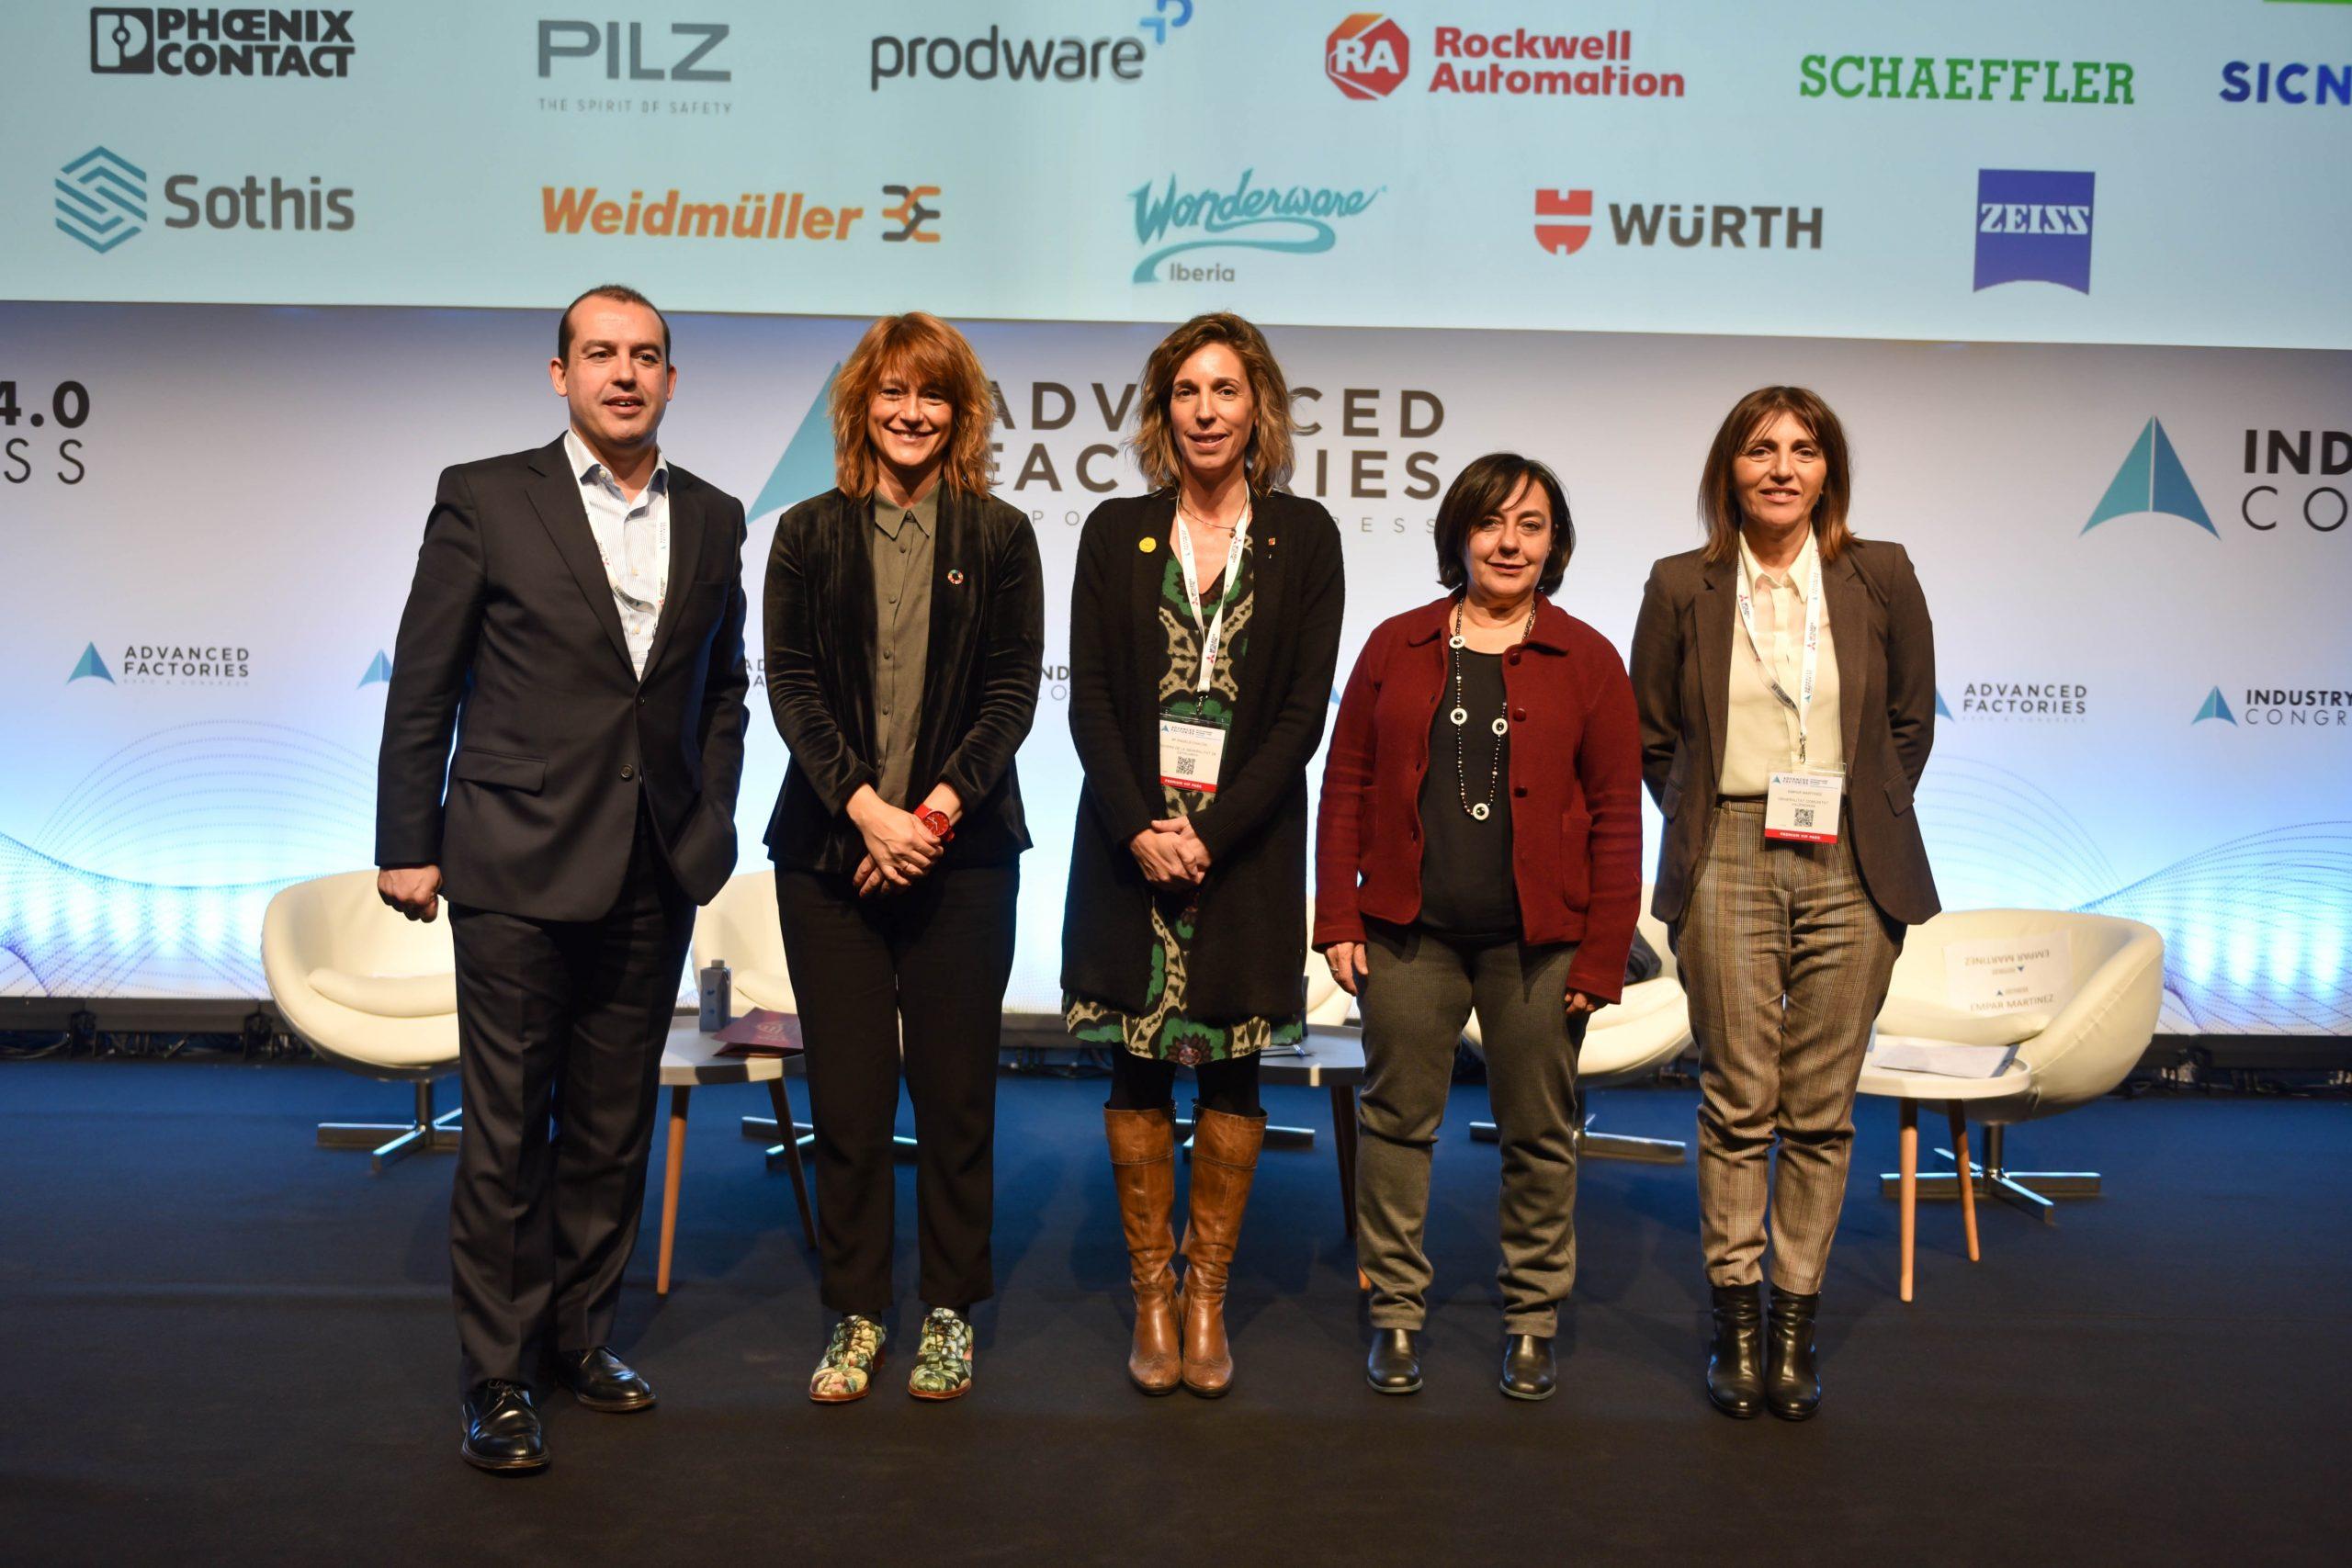 Las administraciones españolas, catalanas y valencianas apuestan por el talento y un cambio de cultura empresarial hacia una industria digital